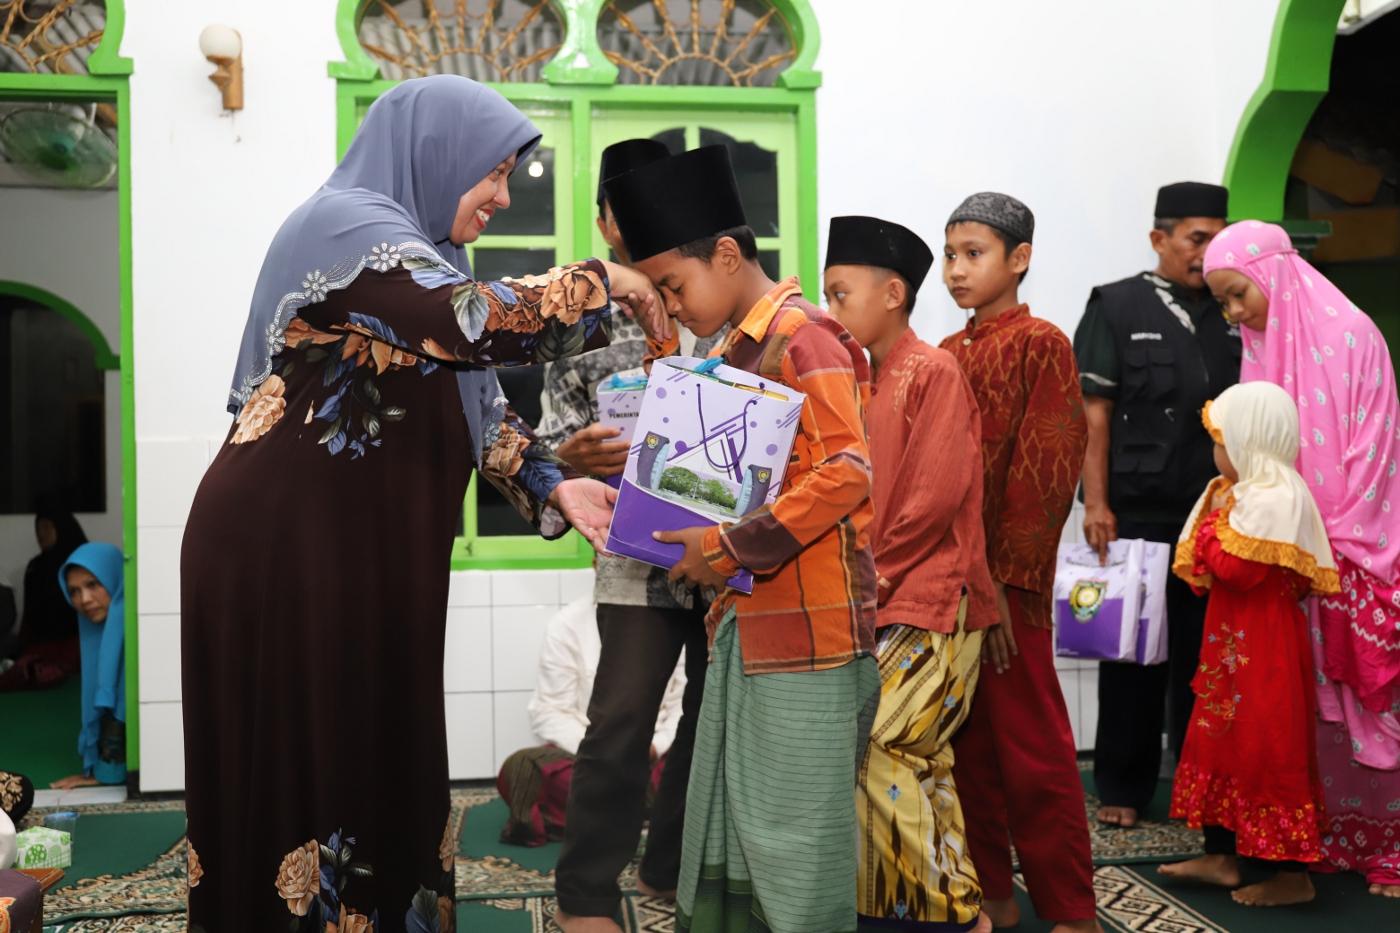 Jalin Silaturahmi Dengan Warga, Wakil Bupati Tarhim di Pituruh